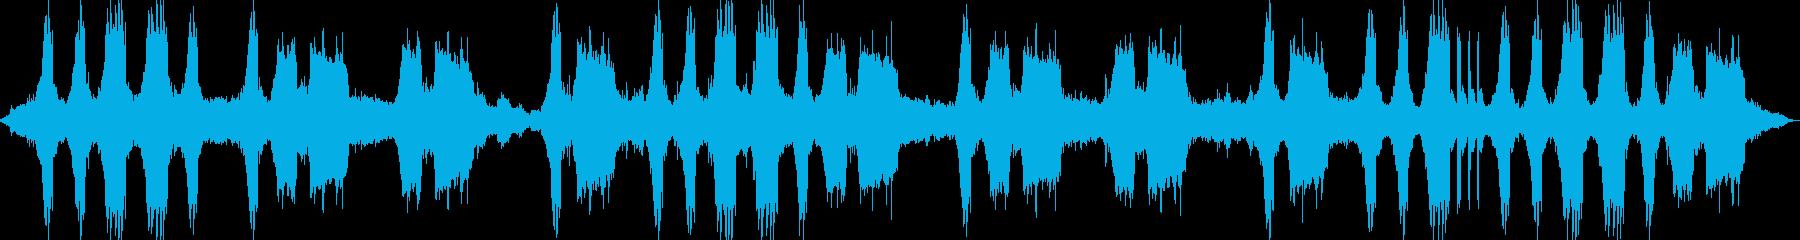 ガリガリ…グイン…タムタム(工事現場)の再生済みの波形